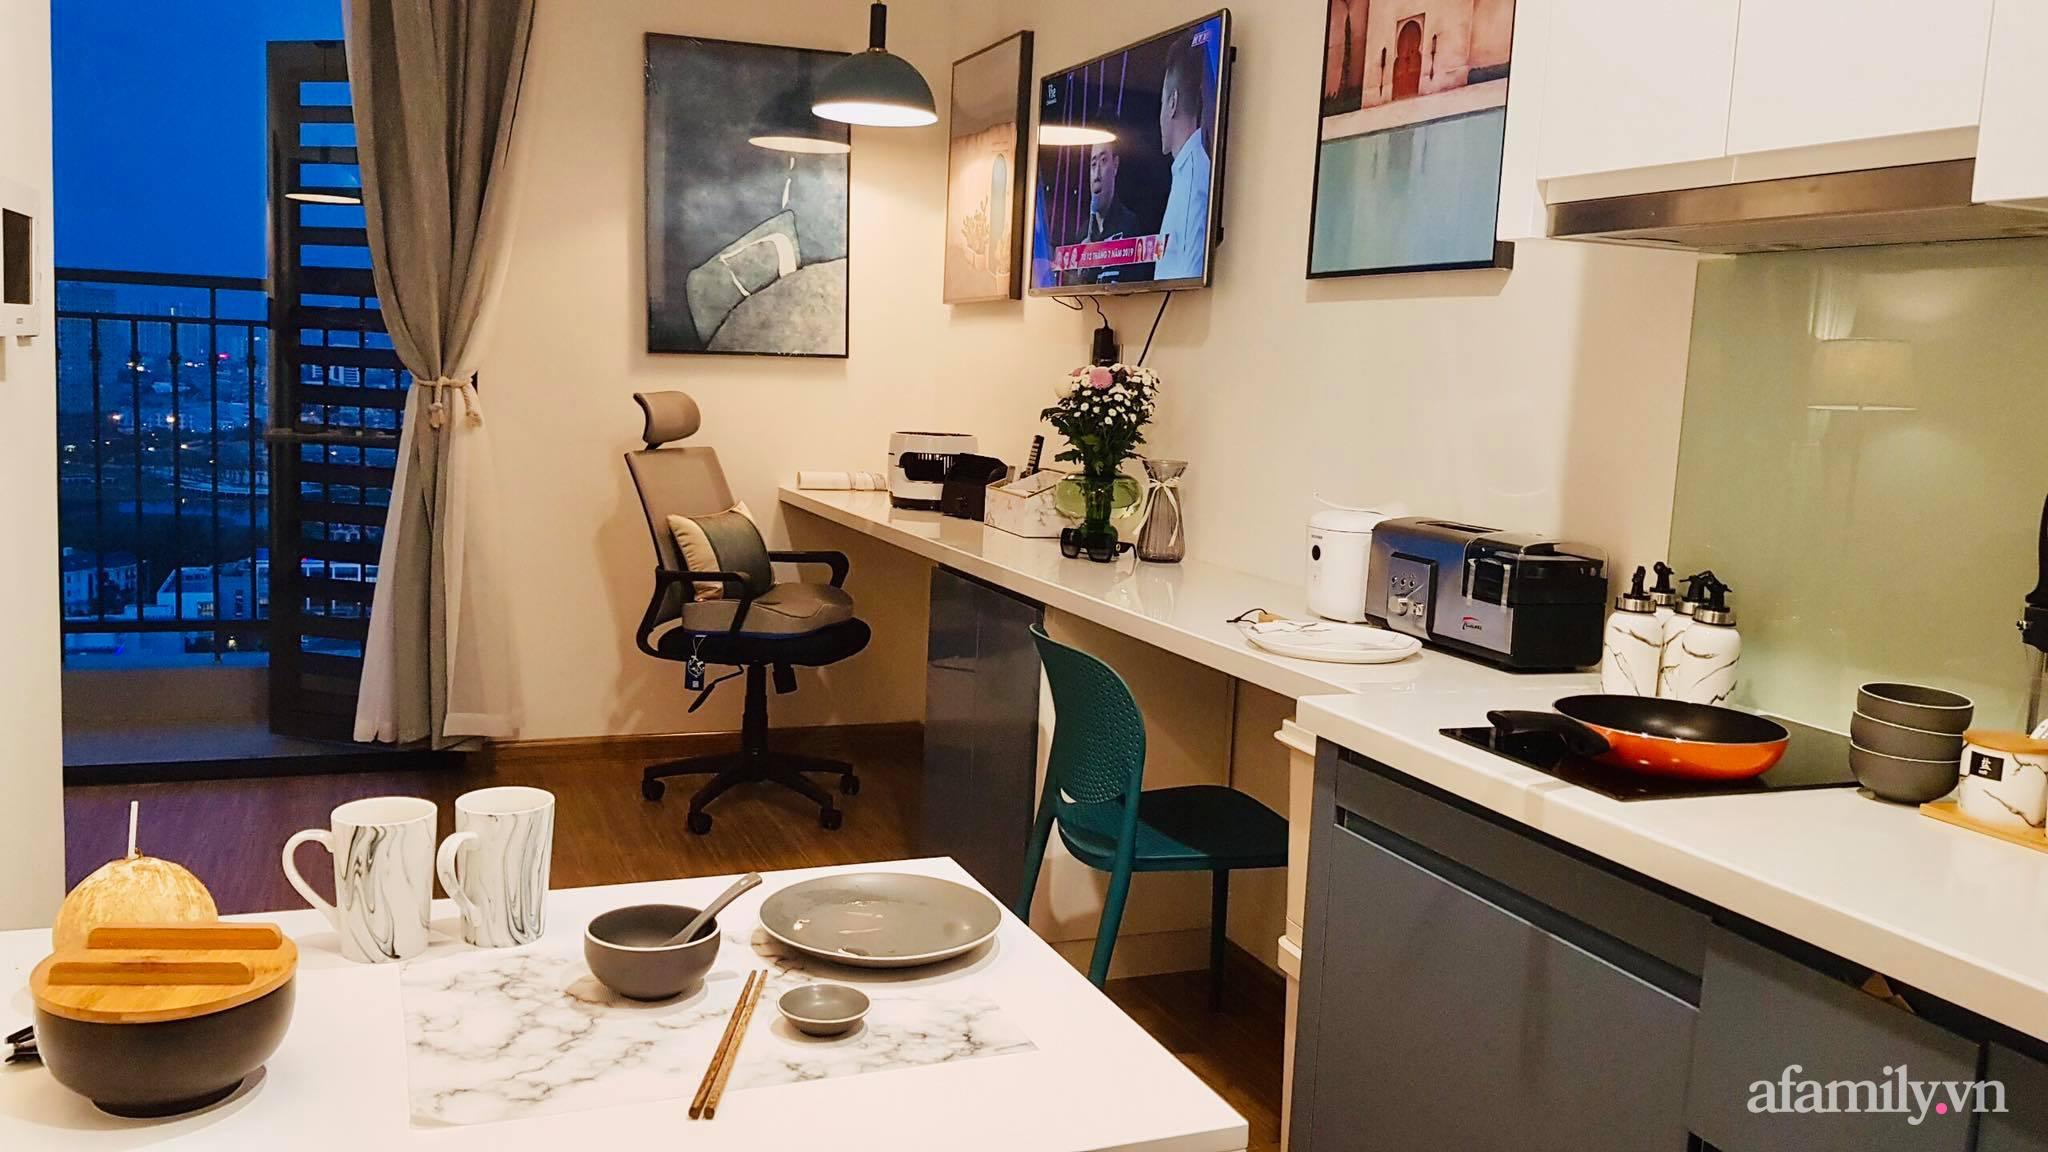 Căn hộ 28m² đẹp từng centimet với cách lựa chọn nội thất thông minh, hiện đại có chi phí hoàn thiện 100 triệu đồng ở Hà Nội - Ảnh 5.